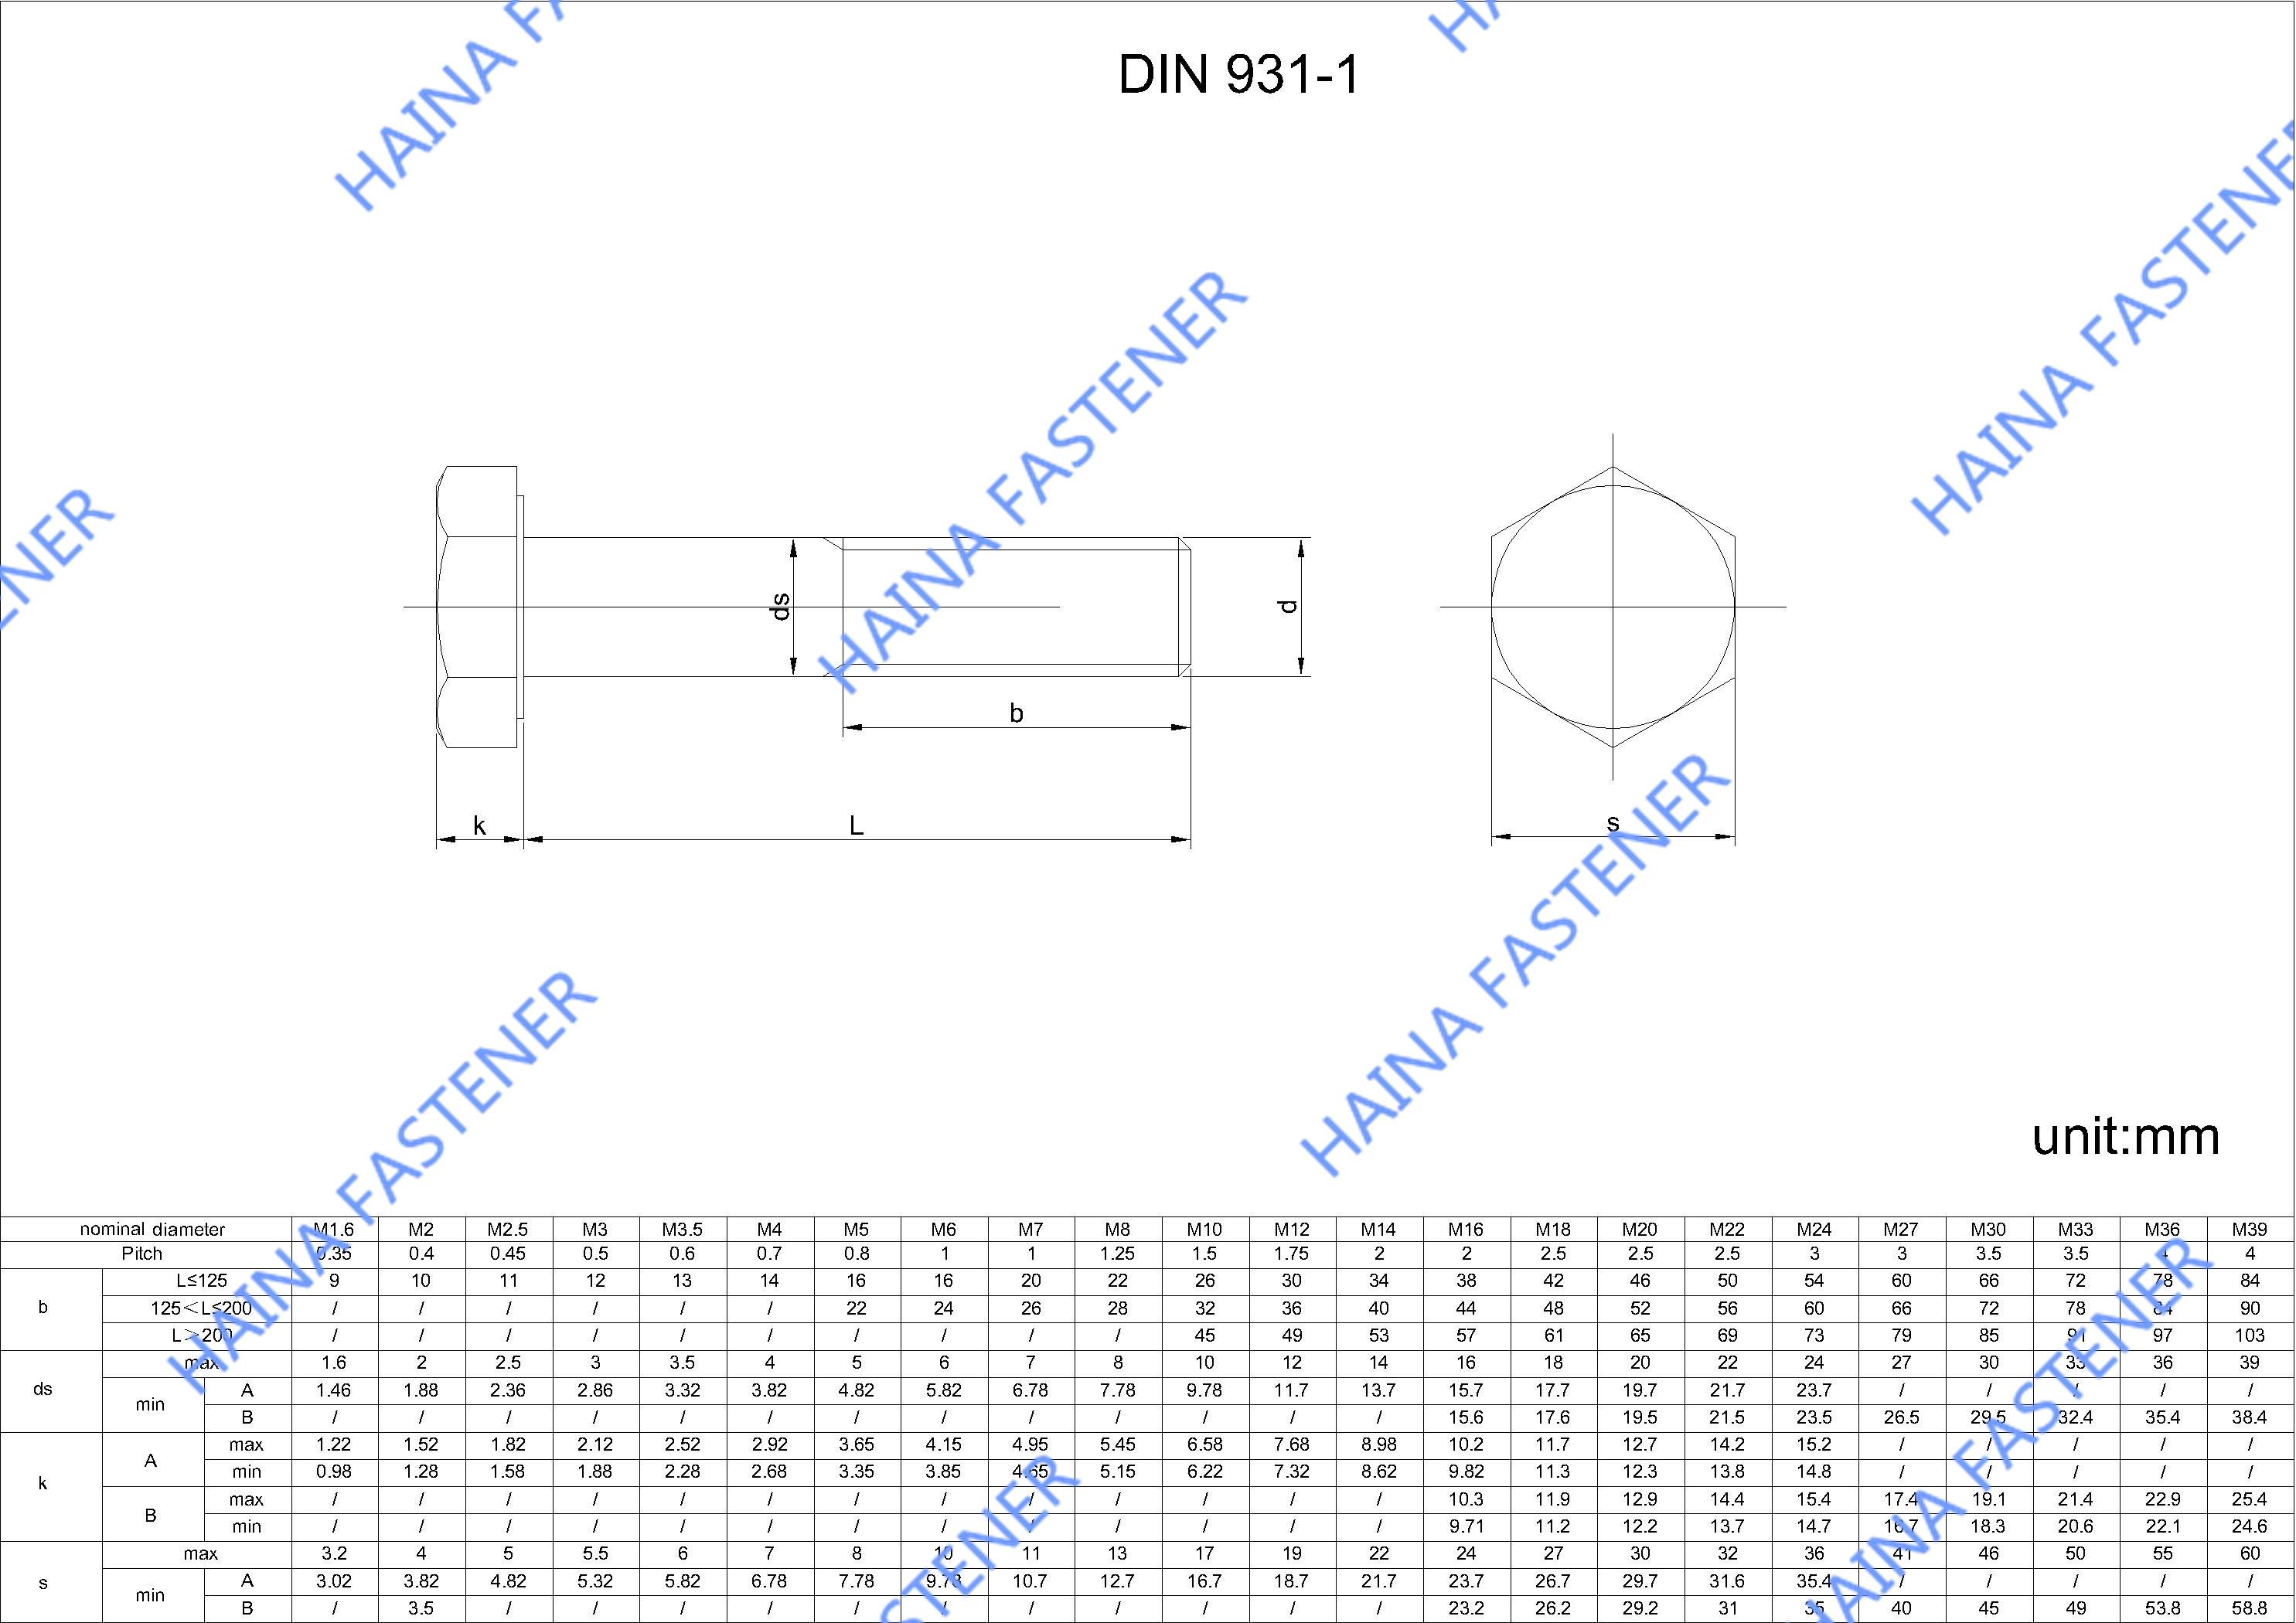 DIN931-1